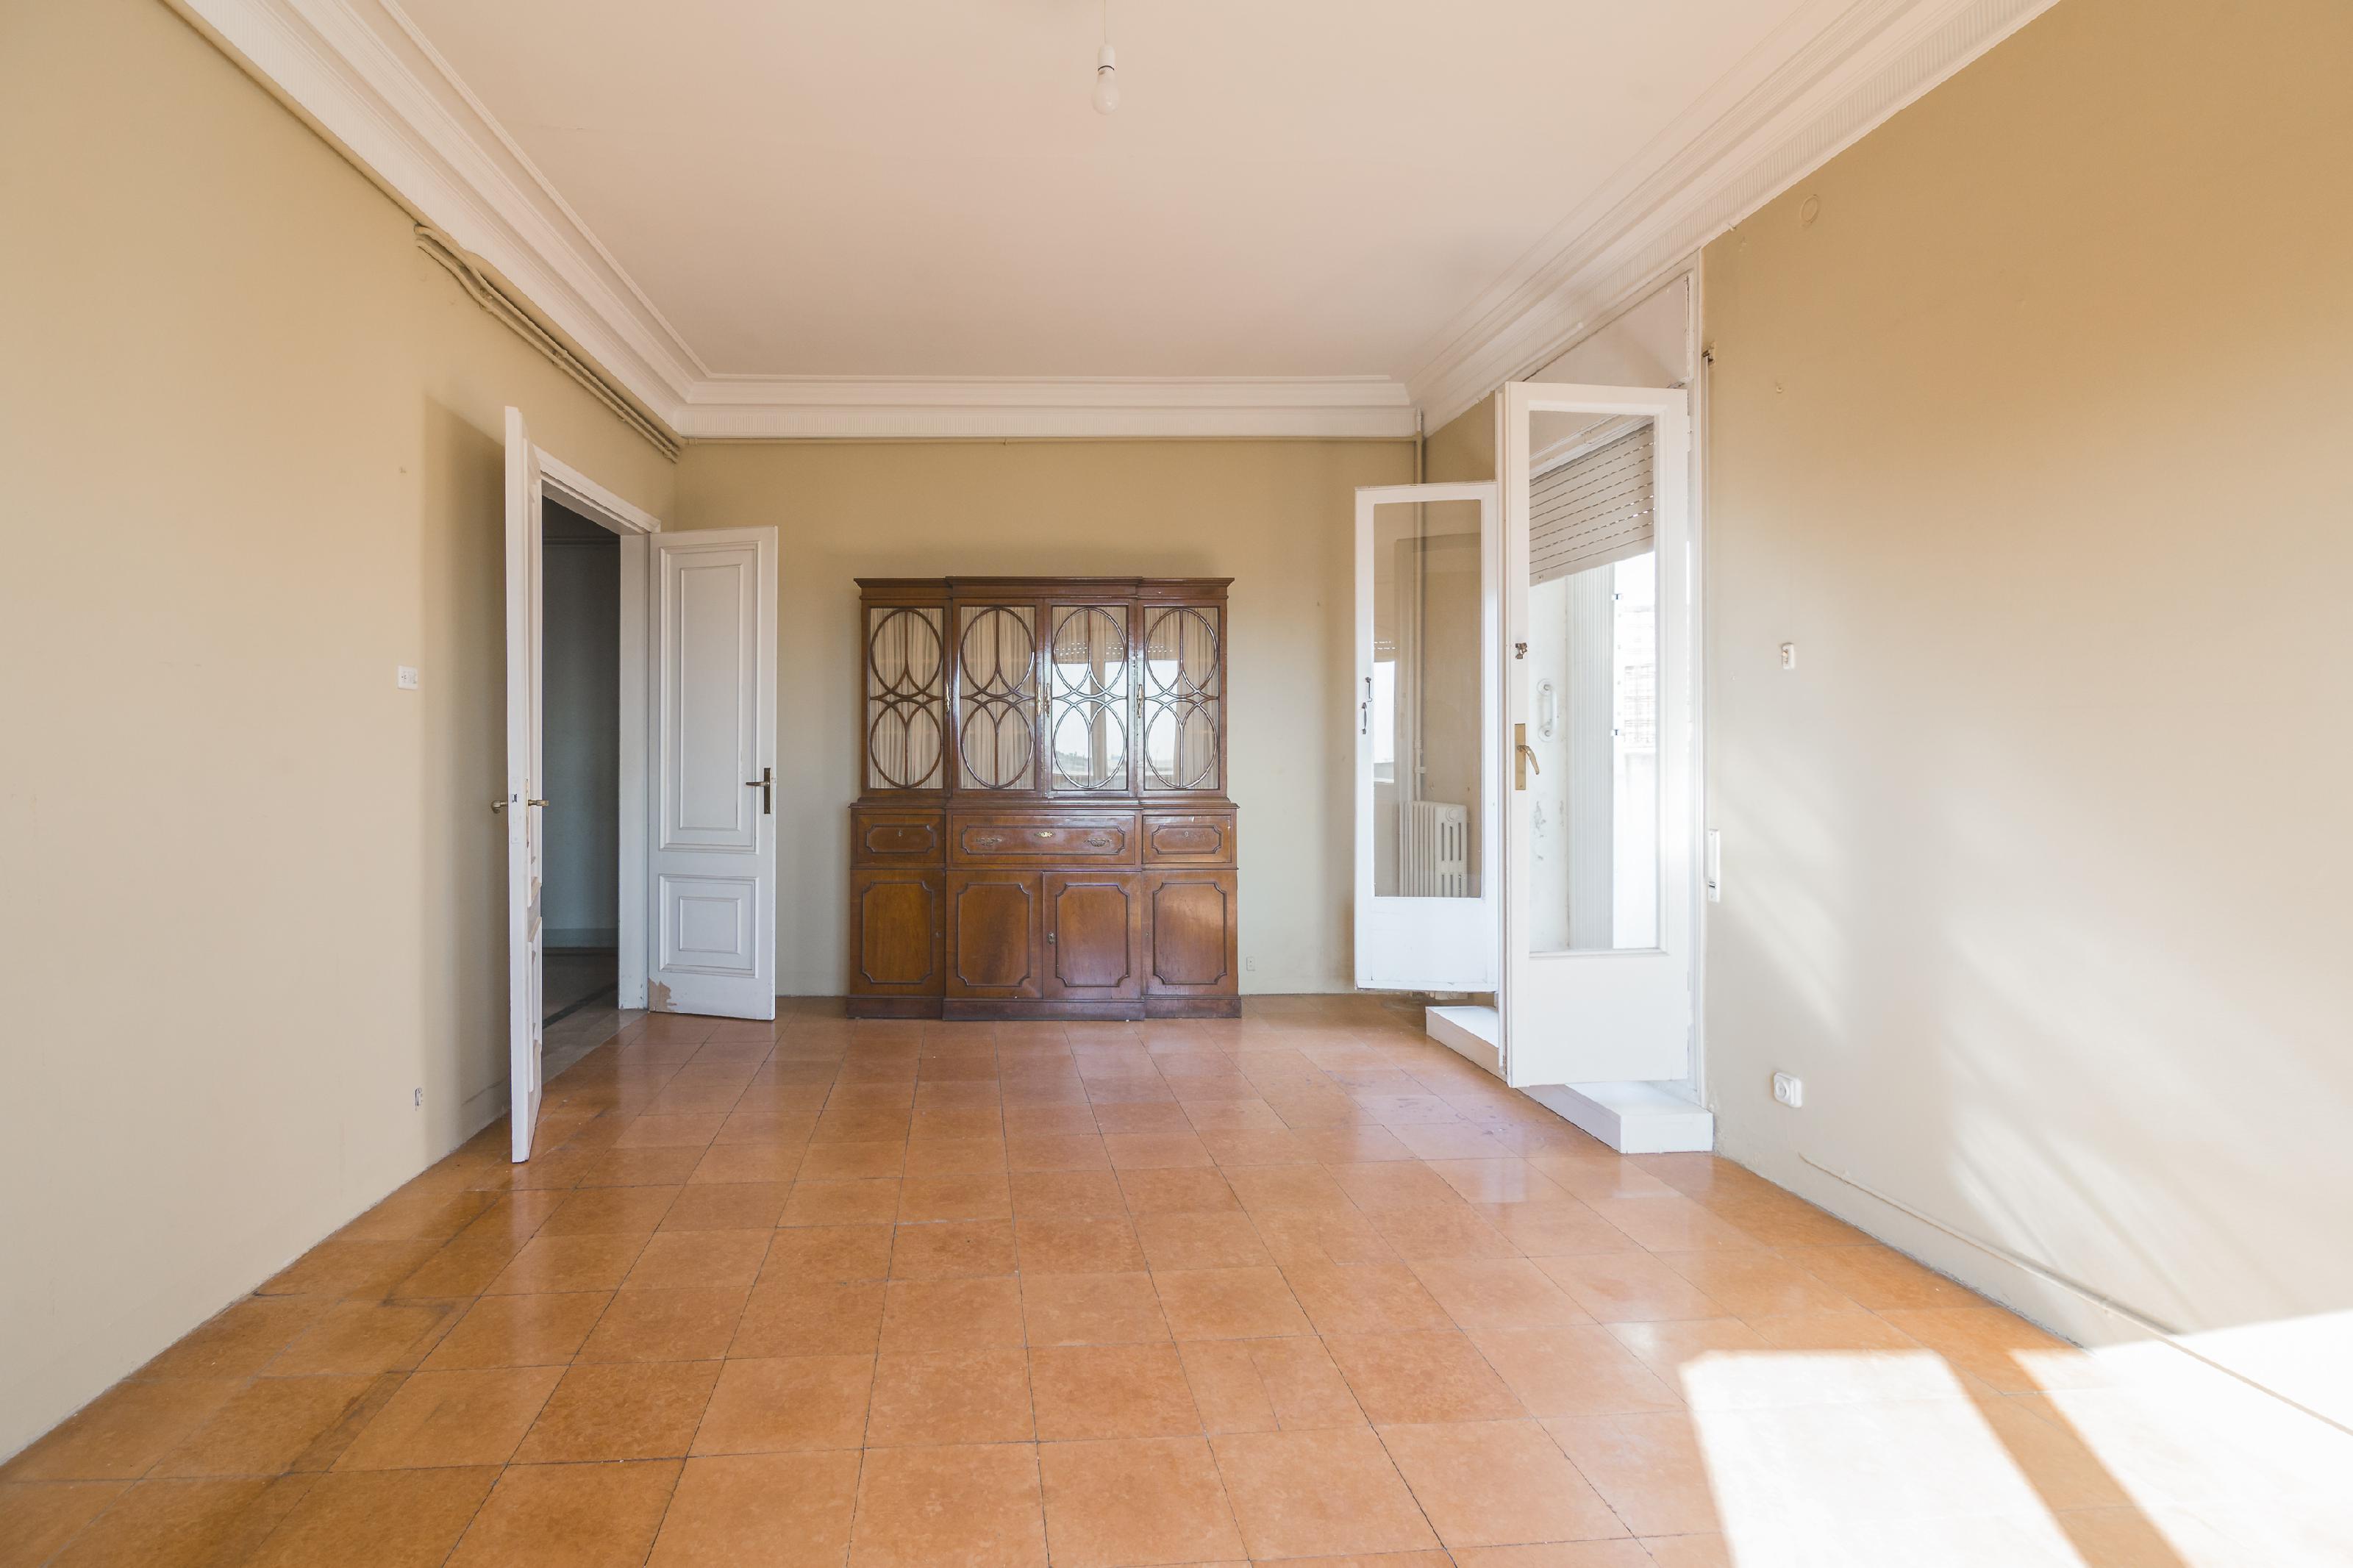 246643 Penthouse for sale in Sarrià-Sant Gervasi, St. Gervasi-Bonanova 17